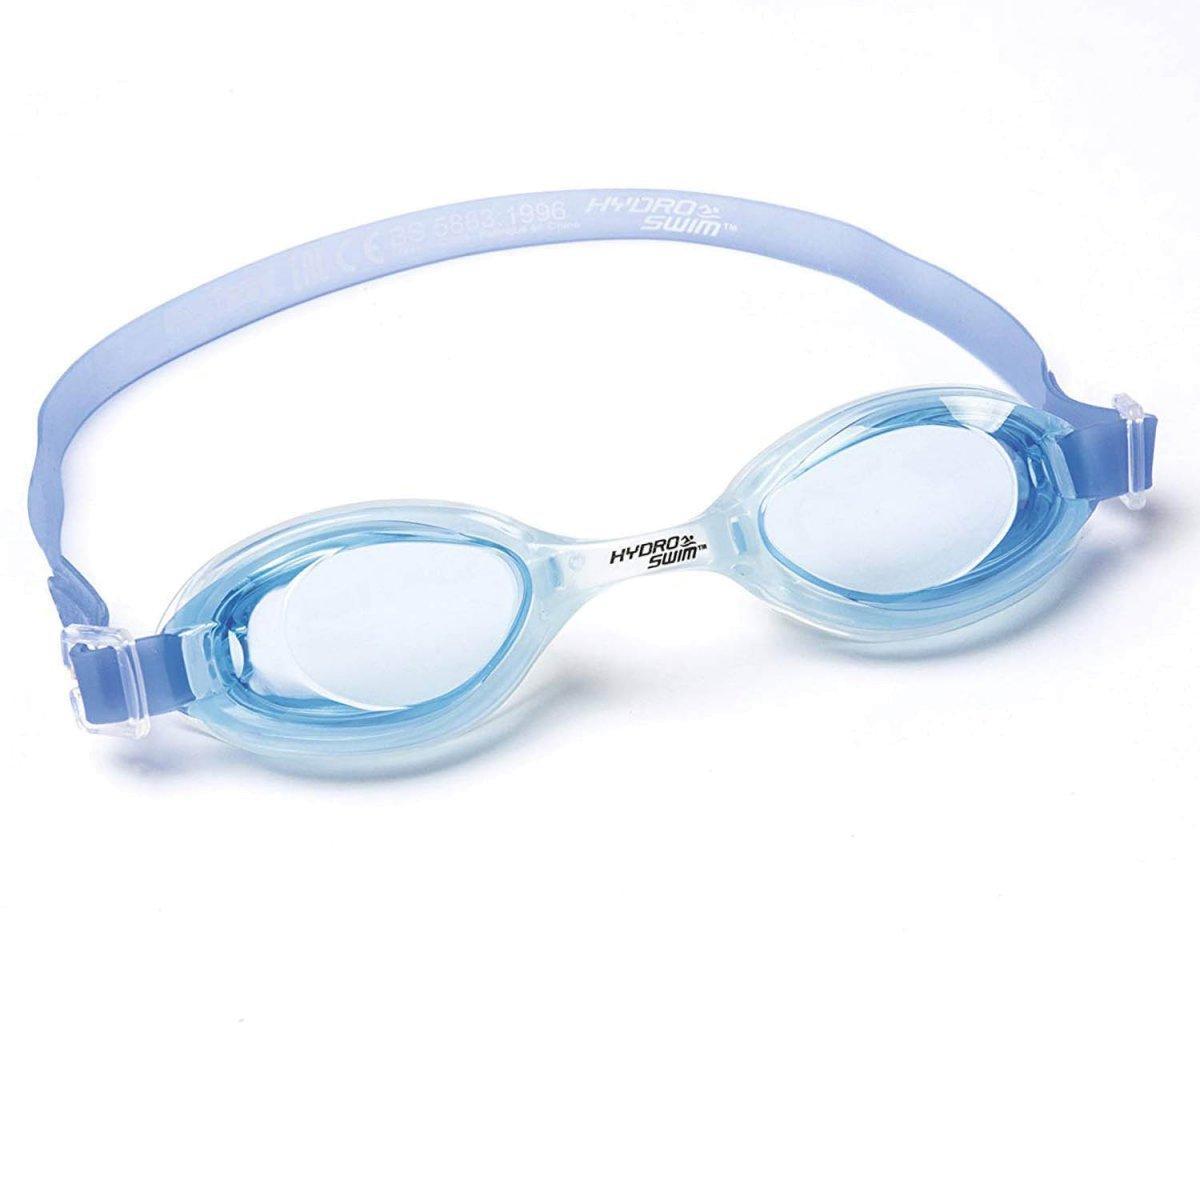 Детские очки для плавания Bestway 21045, размер S, (3+), обхват головы ≈ 50 см, синий